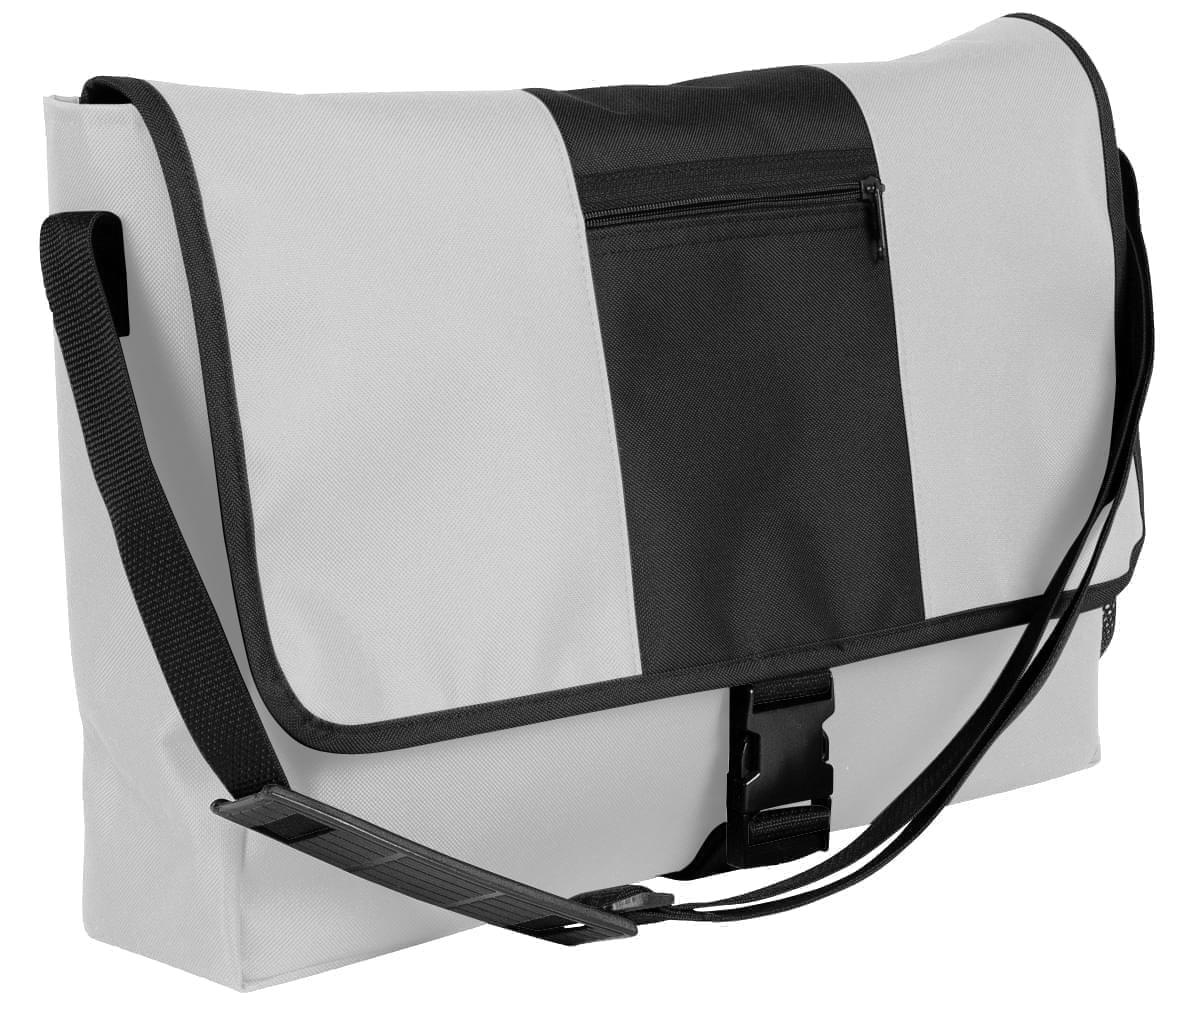 USA Made Nylon Poly Dad Shoulder Bags, White-Black, OHEDA19A3C